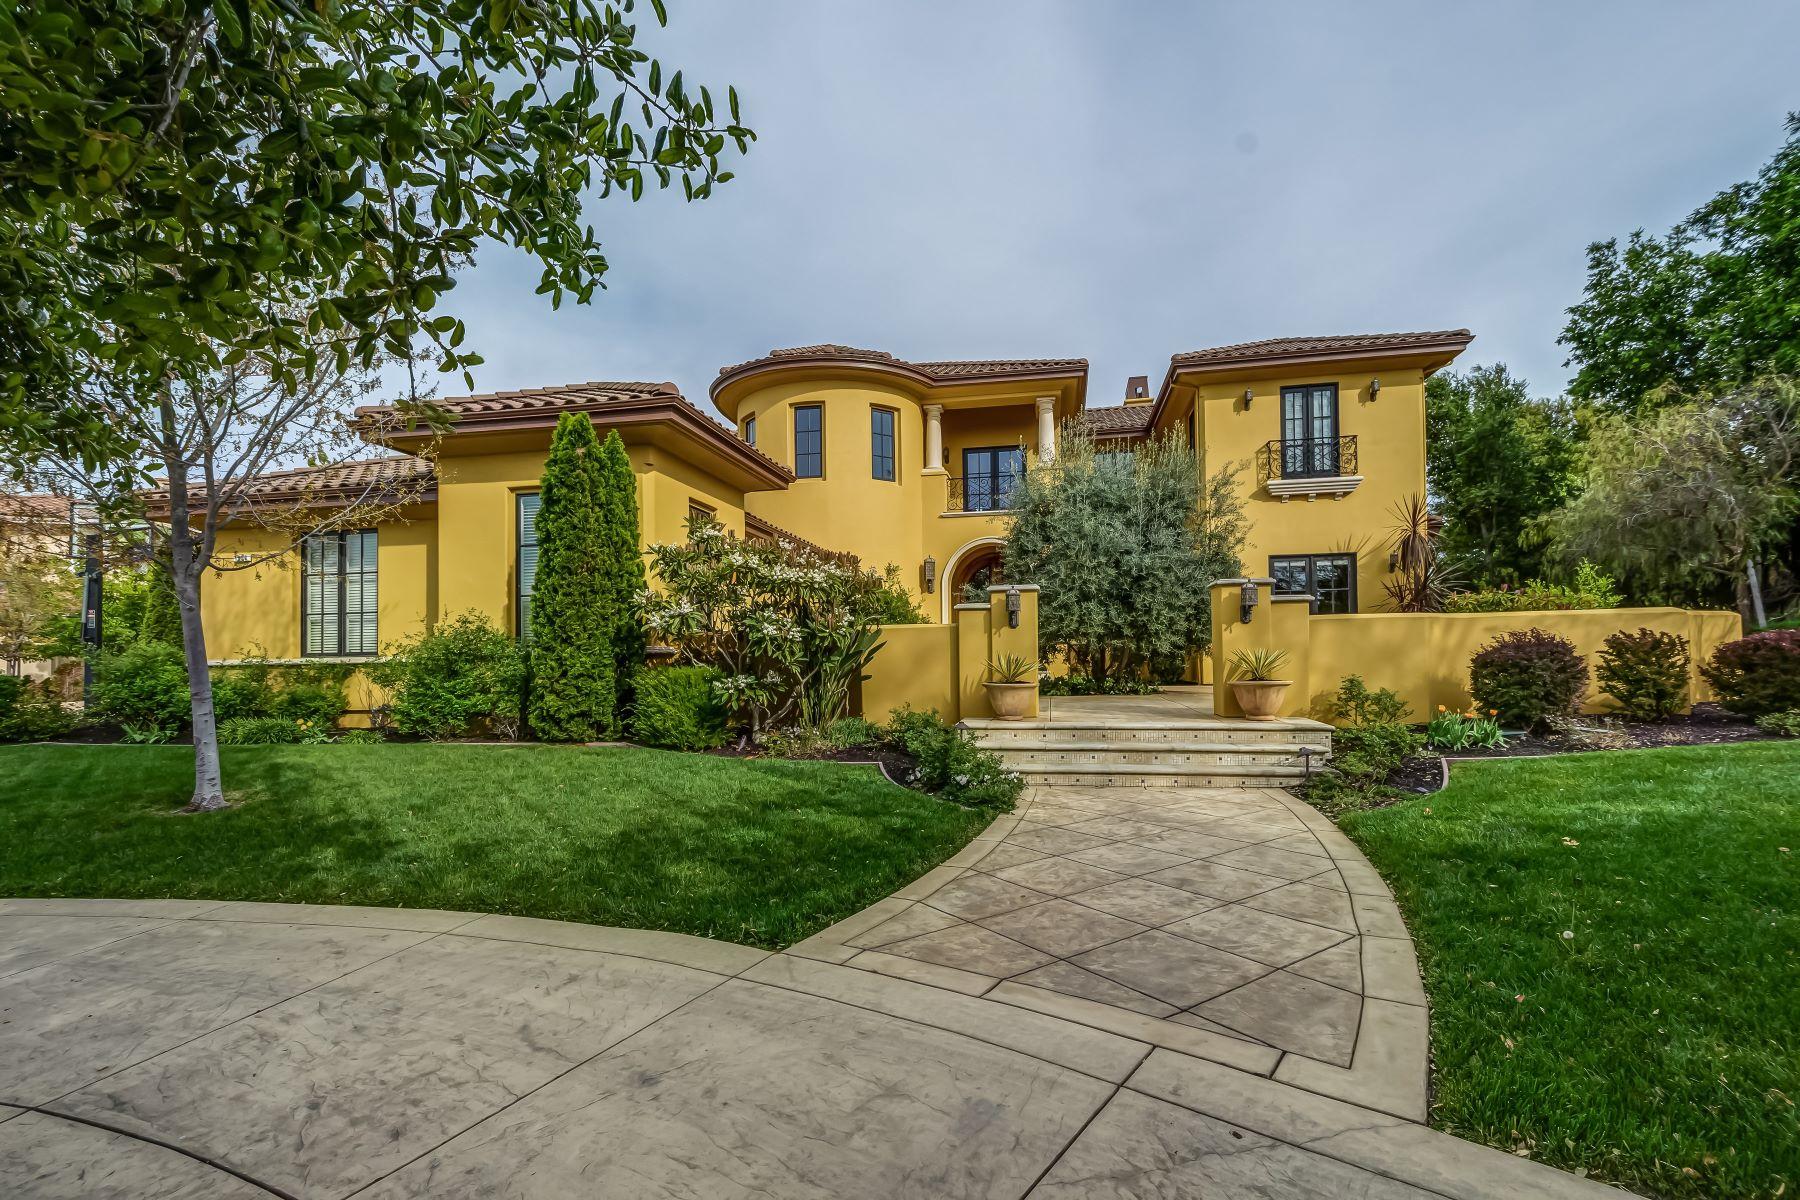 Single Family Home for Sale at 1833 Via Di Salerno Pleasanton, California 94566 United States